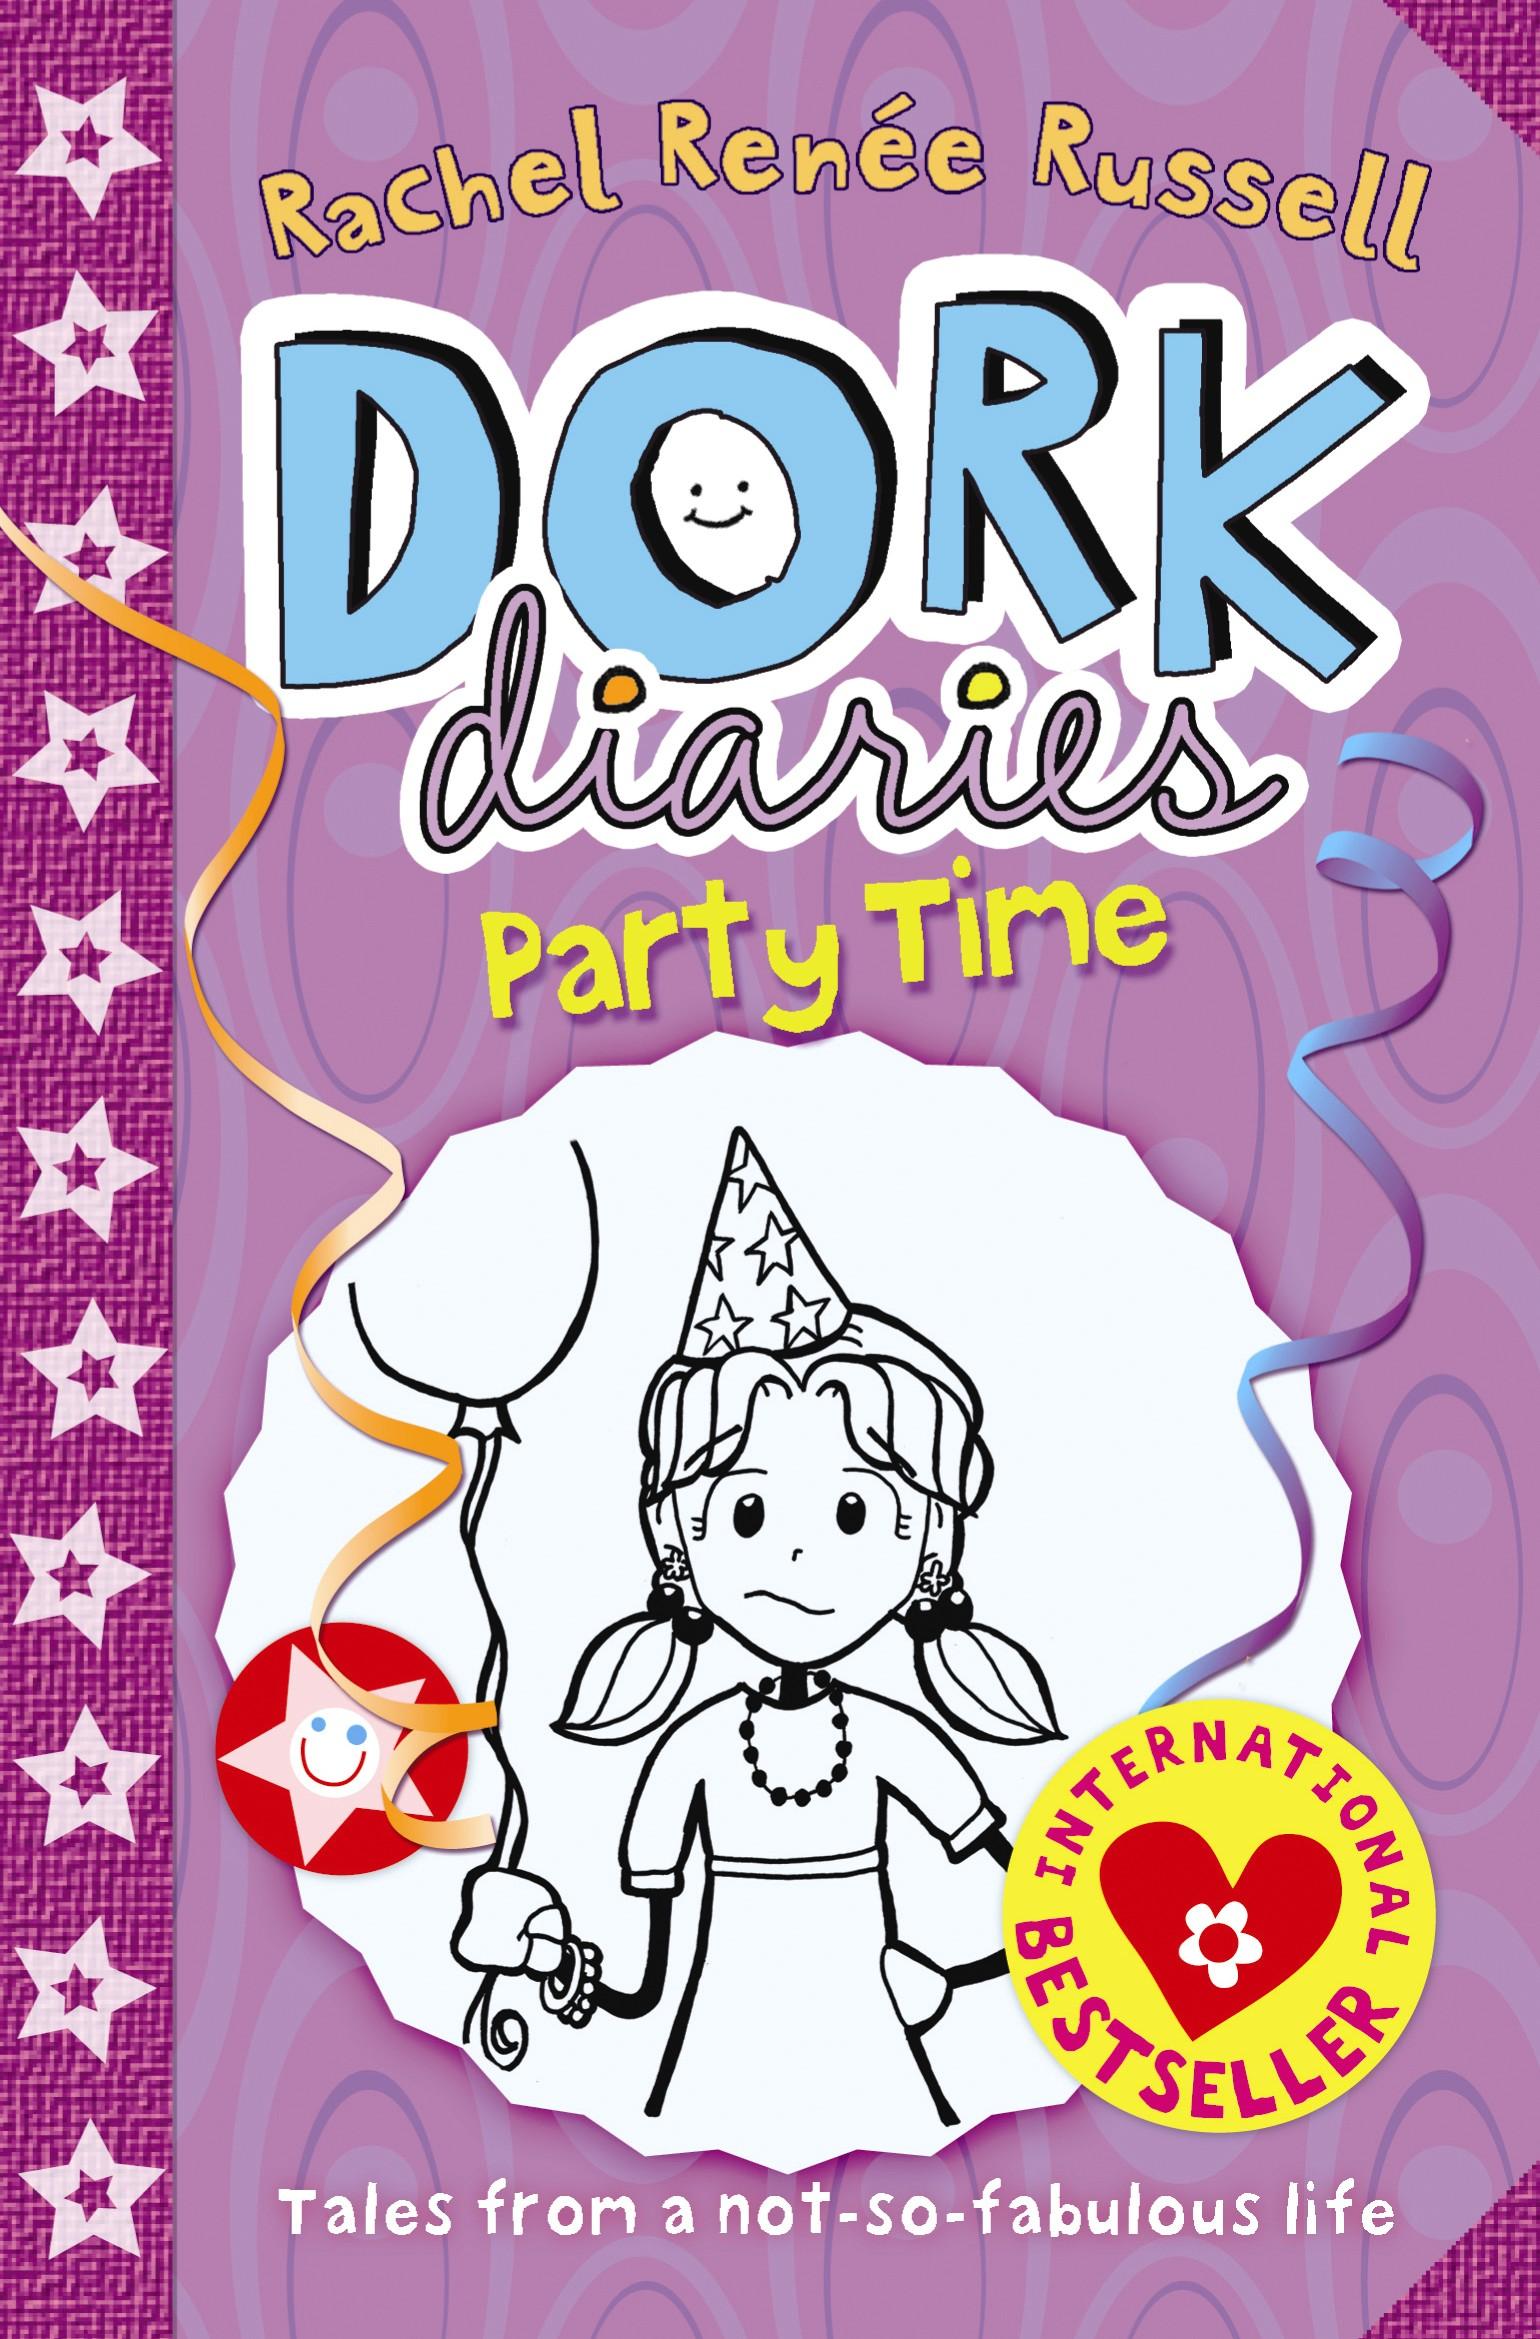 Dork Diaries 1 eBook by Rachel Renée Russell | Official ...